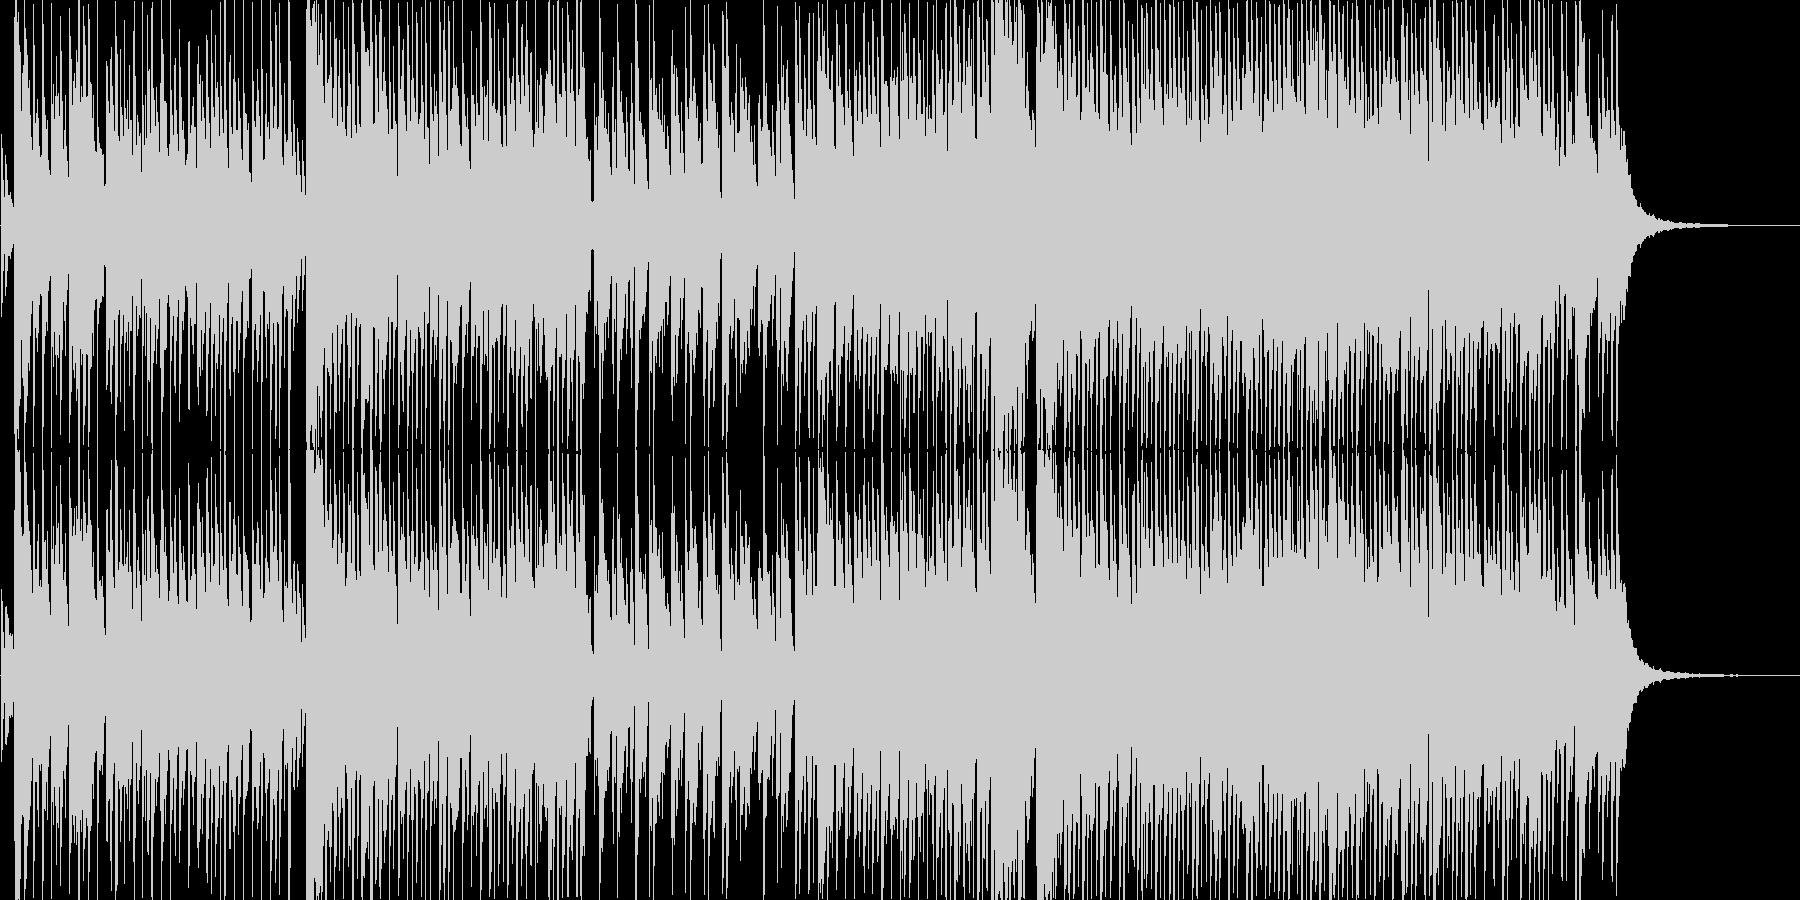 アイドルソング風のインスト楽曲の未再生の波形